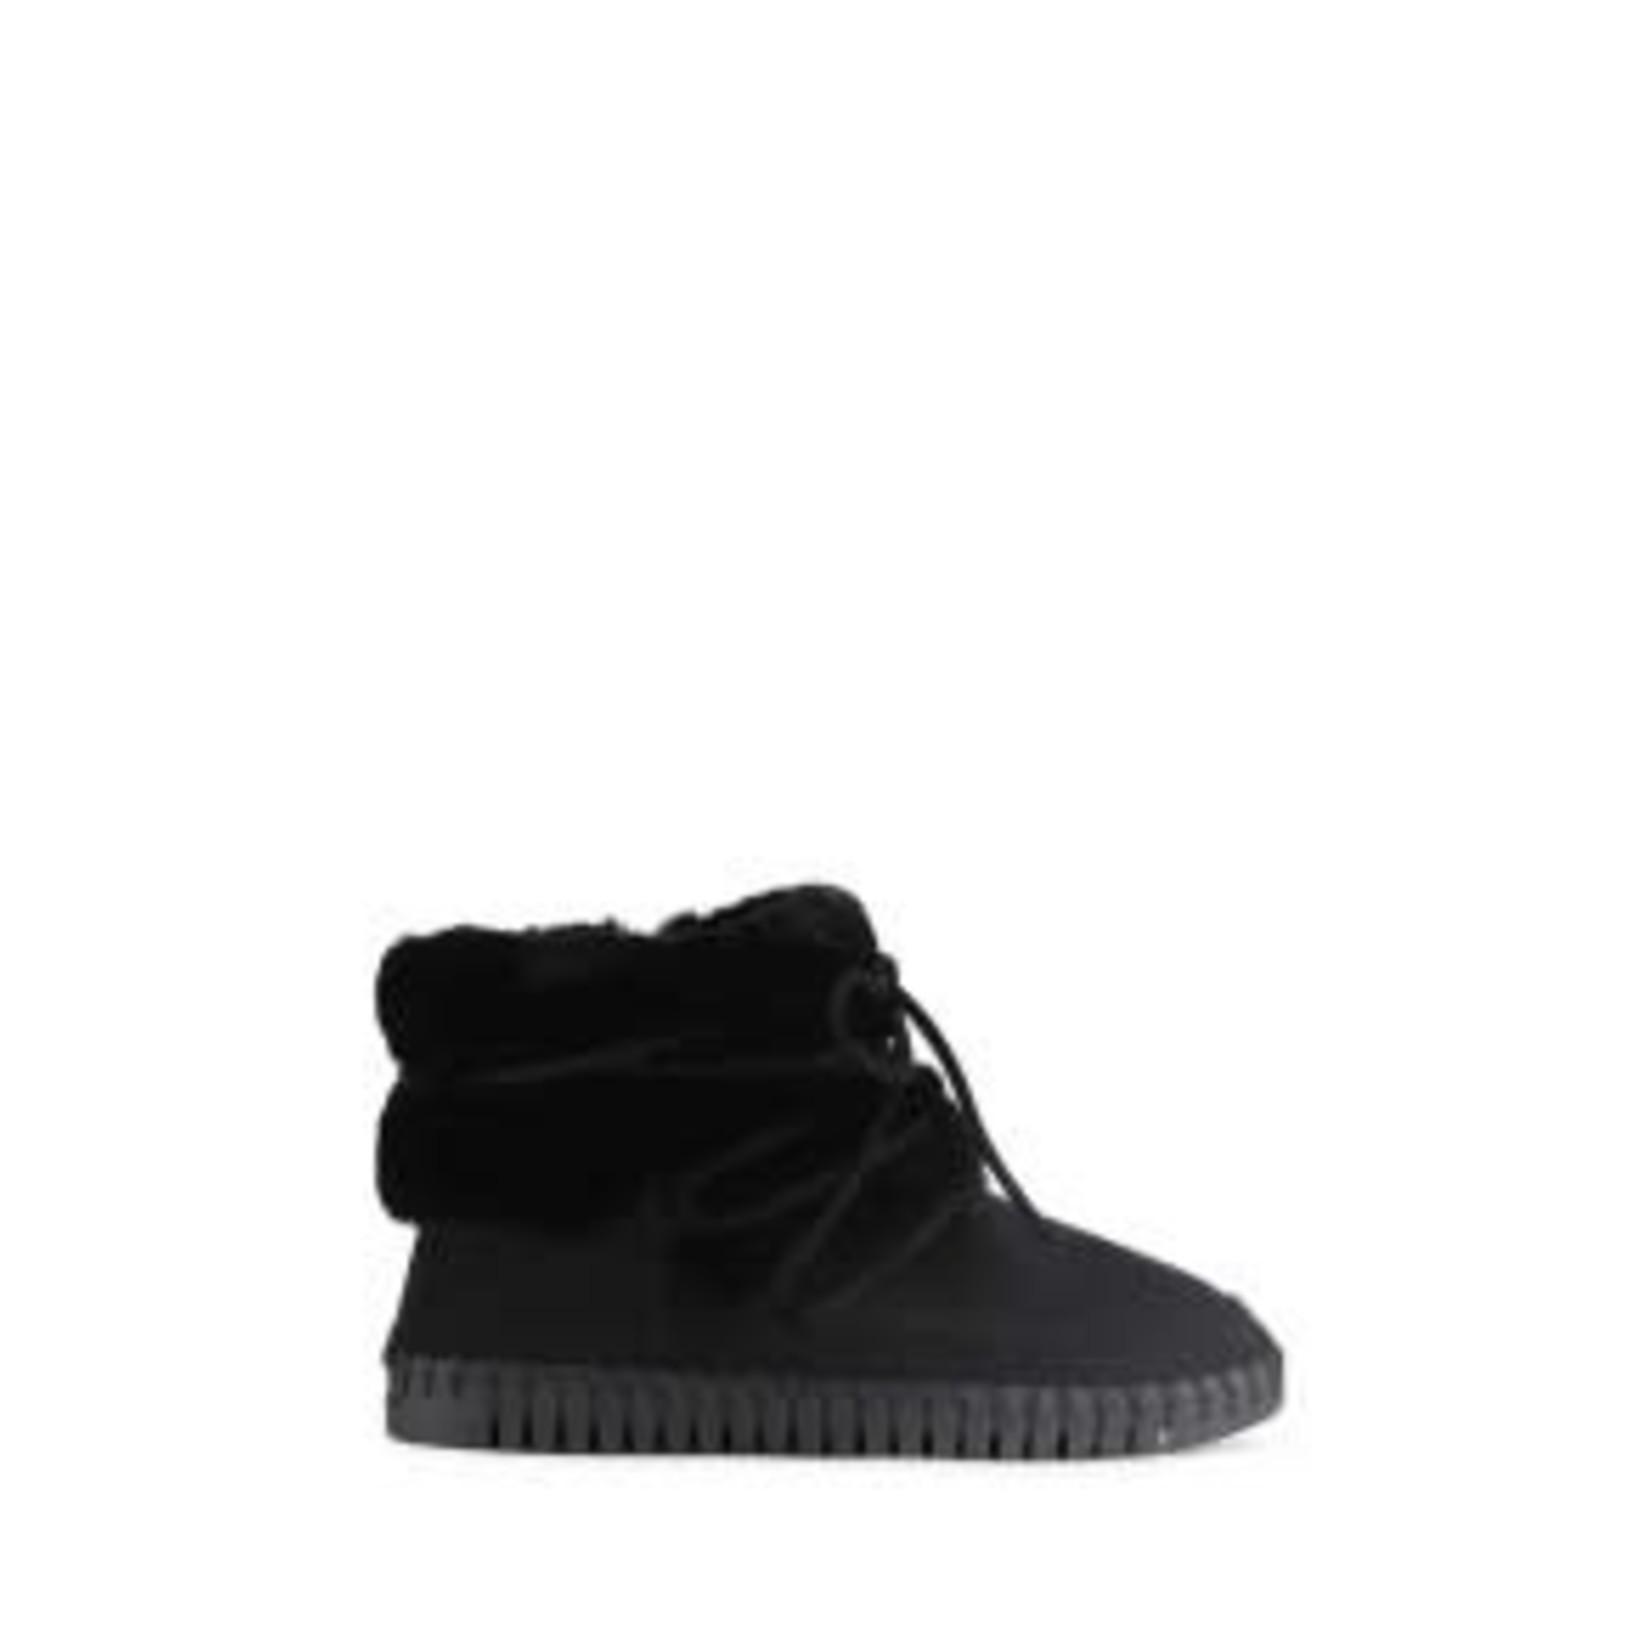 Ilse Jacobsen Ilse Jacobsen Ankle Boots Black Fur 6072